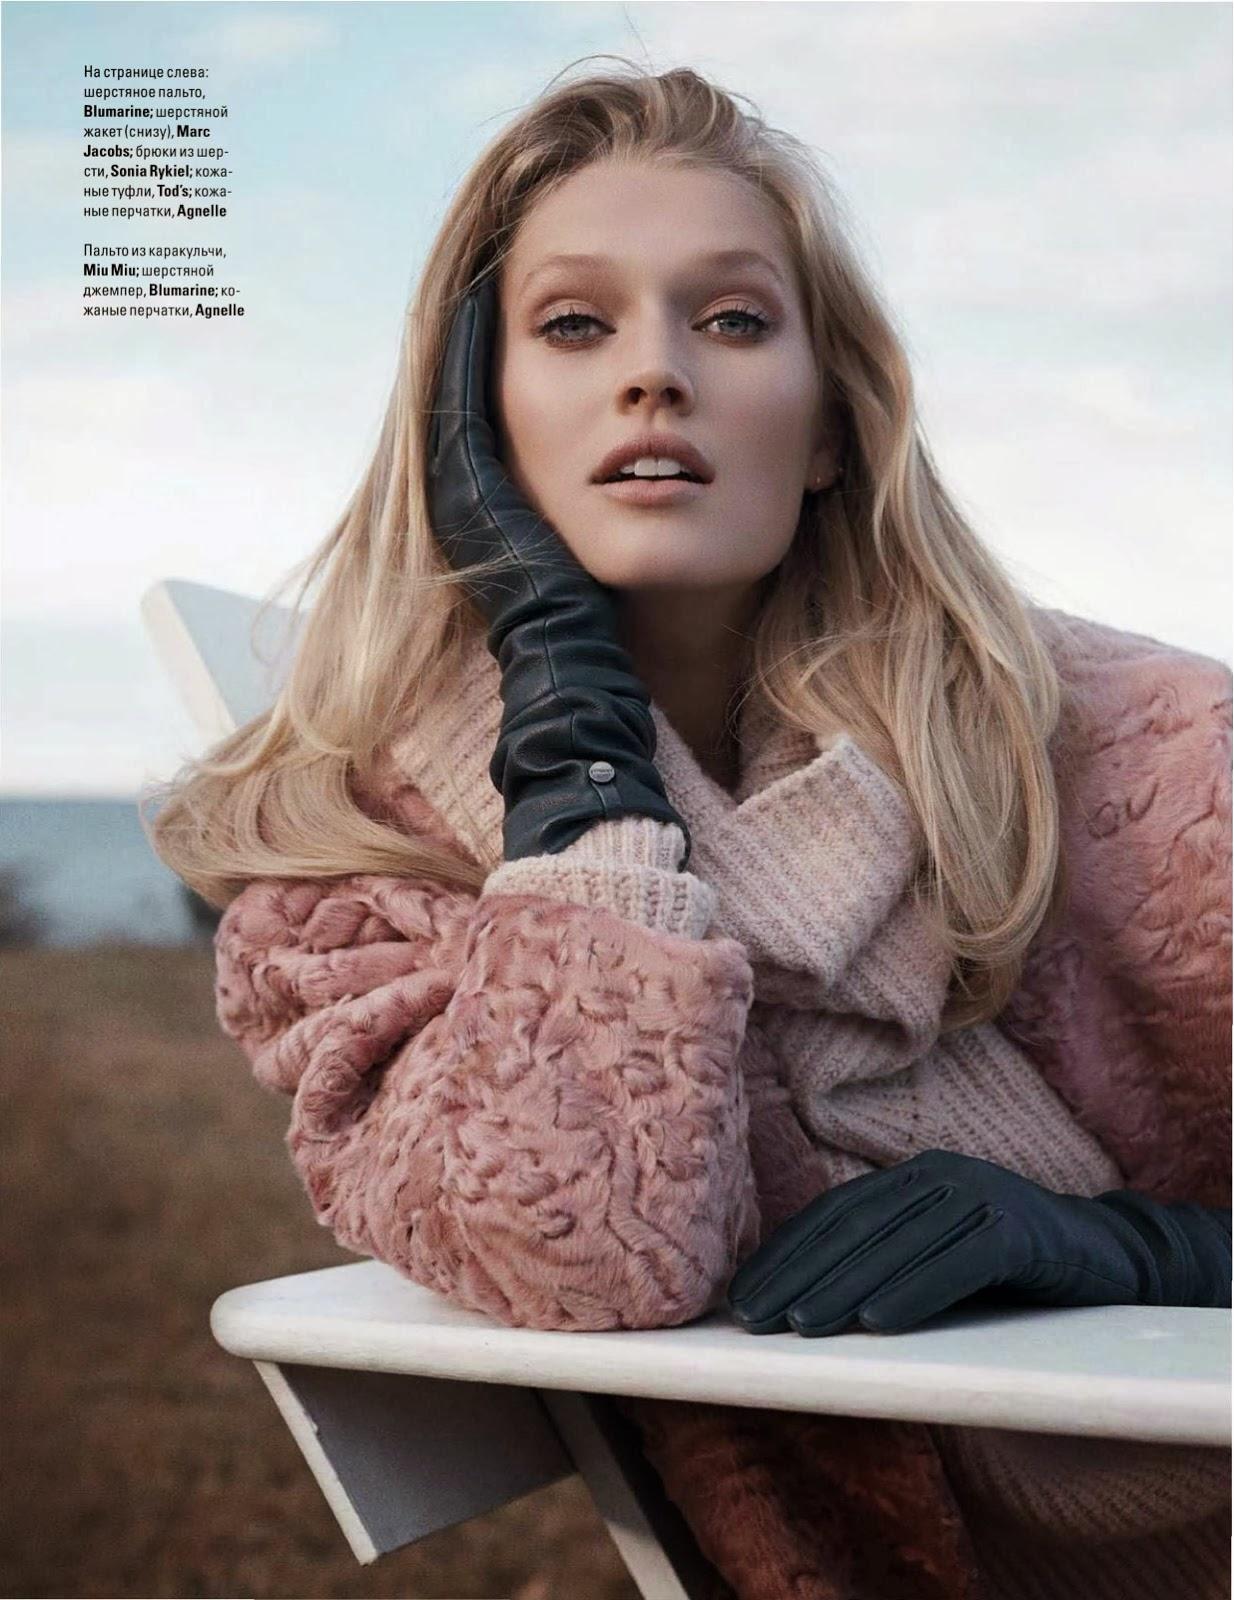 Magazine Photoshoot : Toni Garrn Photoshot For Benny Horne Vogue Magazine Ukraine January 2014 Issue